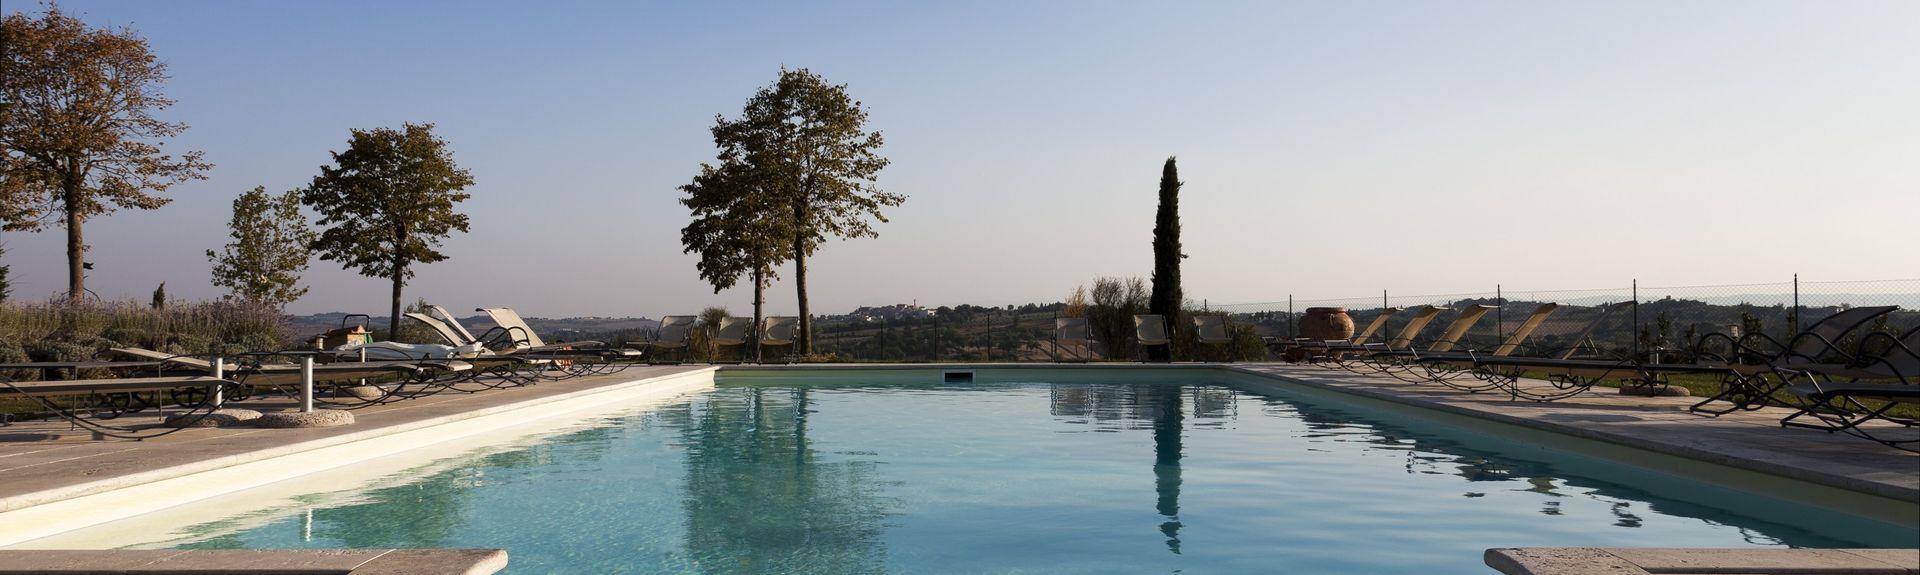 Podere Viti, Castiglion Fiorentino, Toscane, Italië